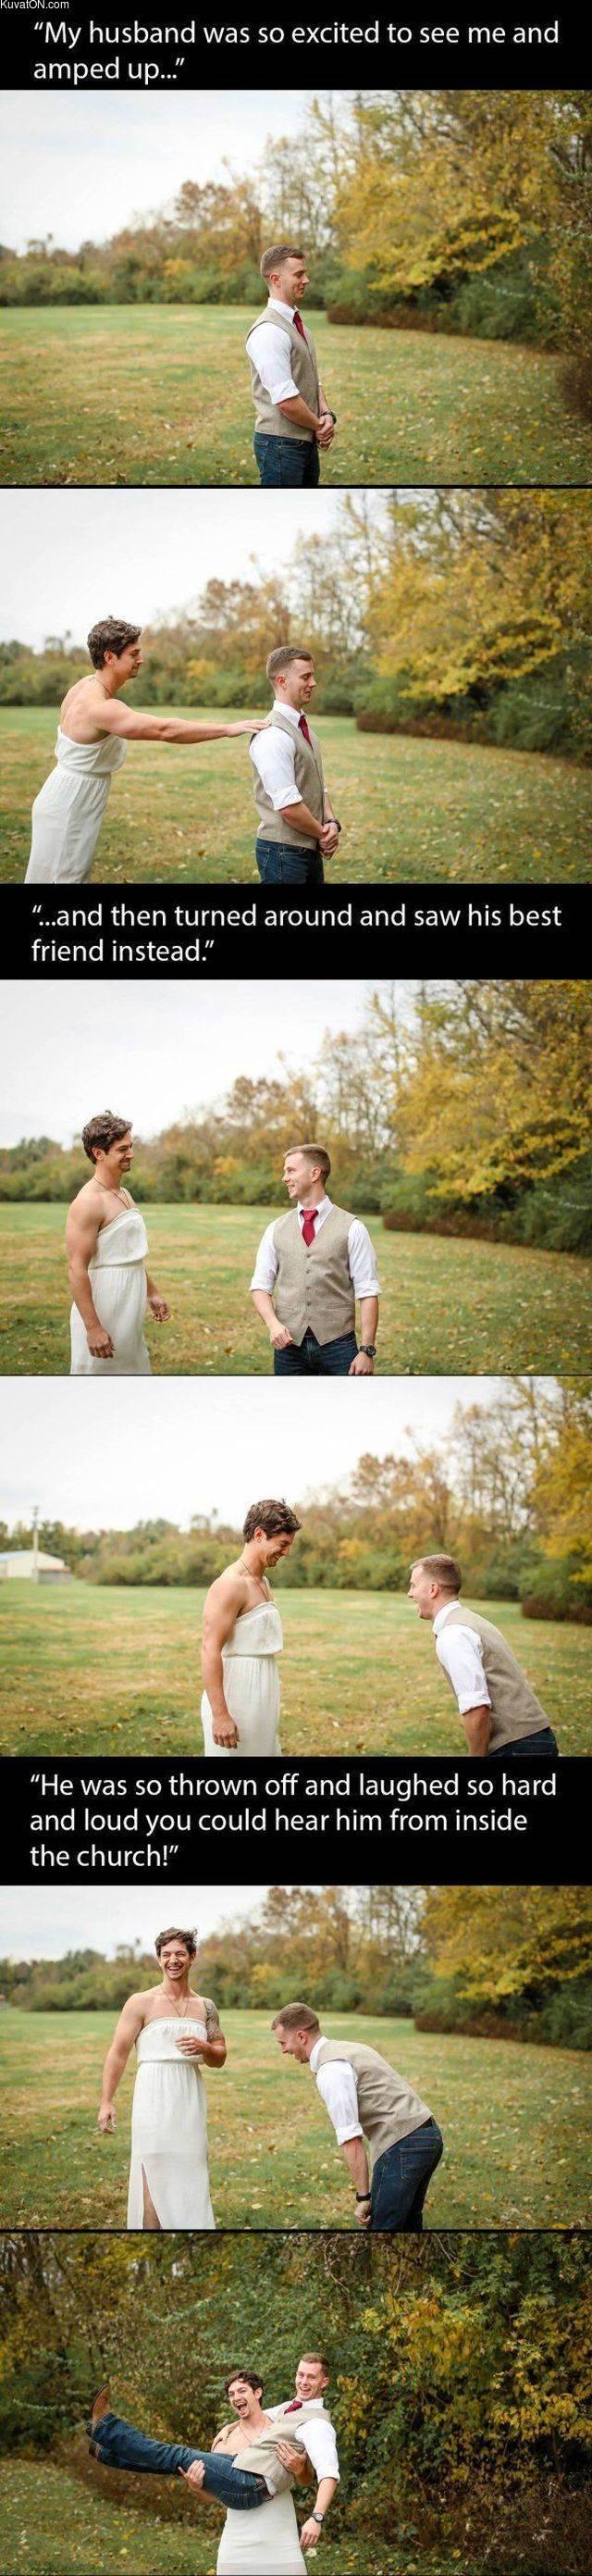 husband_and_hes_best_friend.jpg